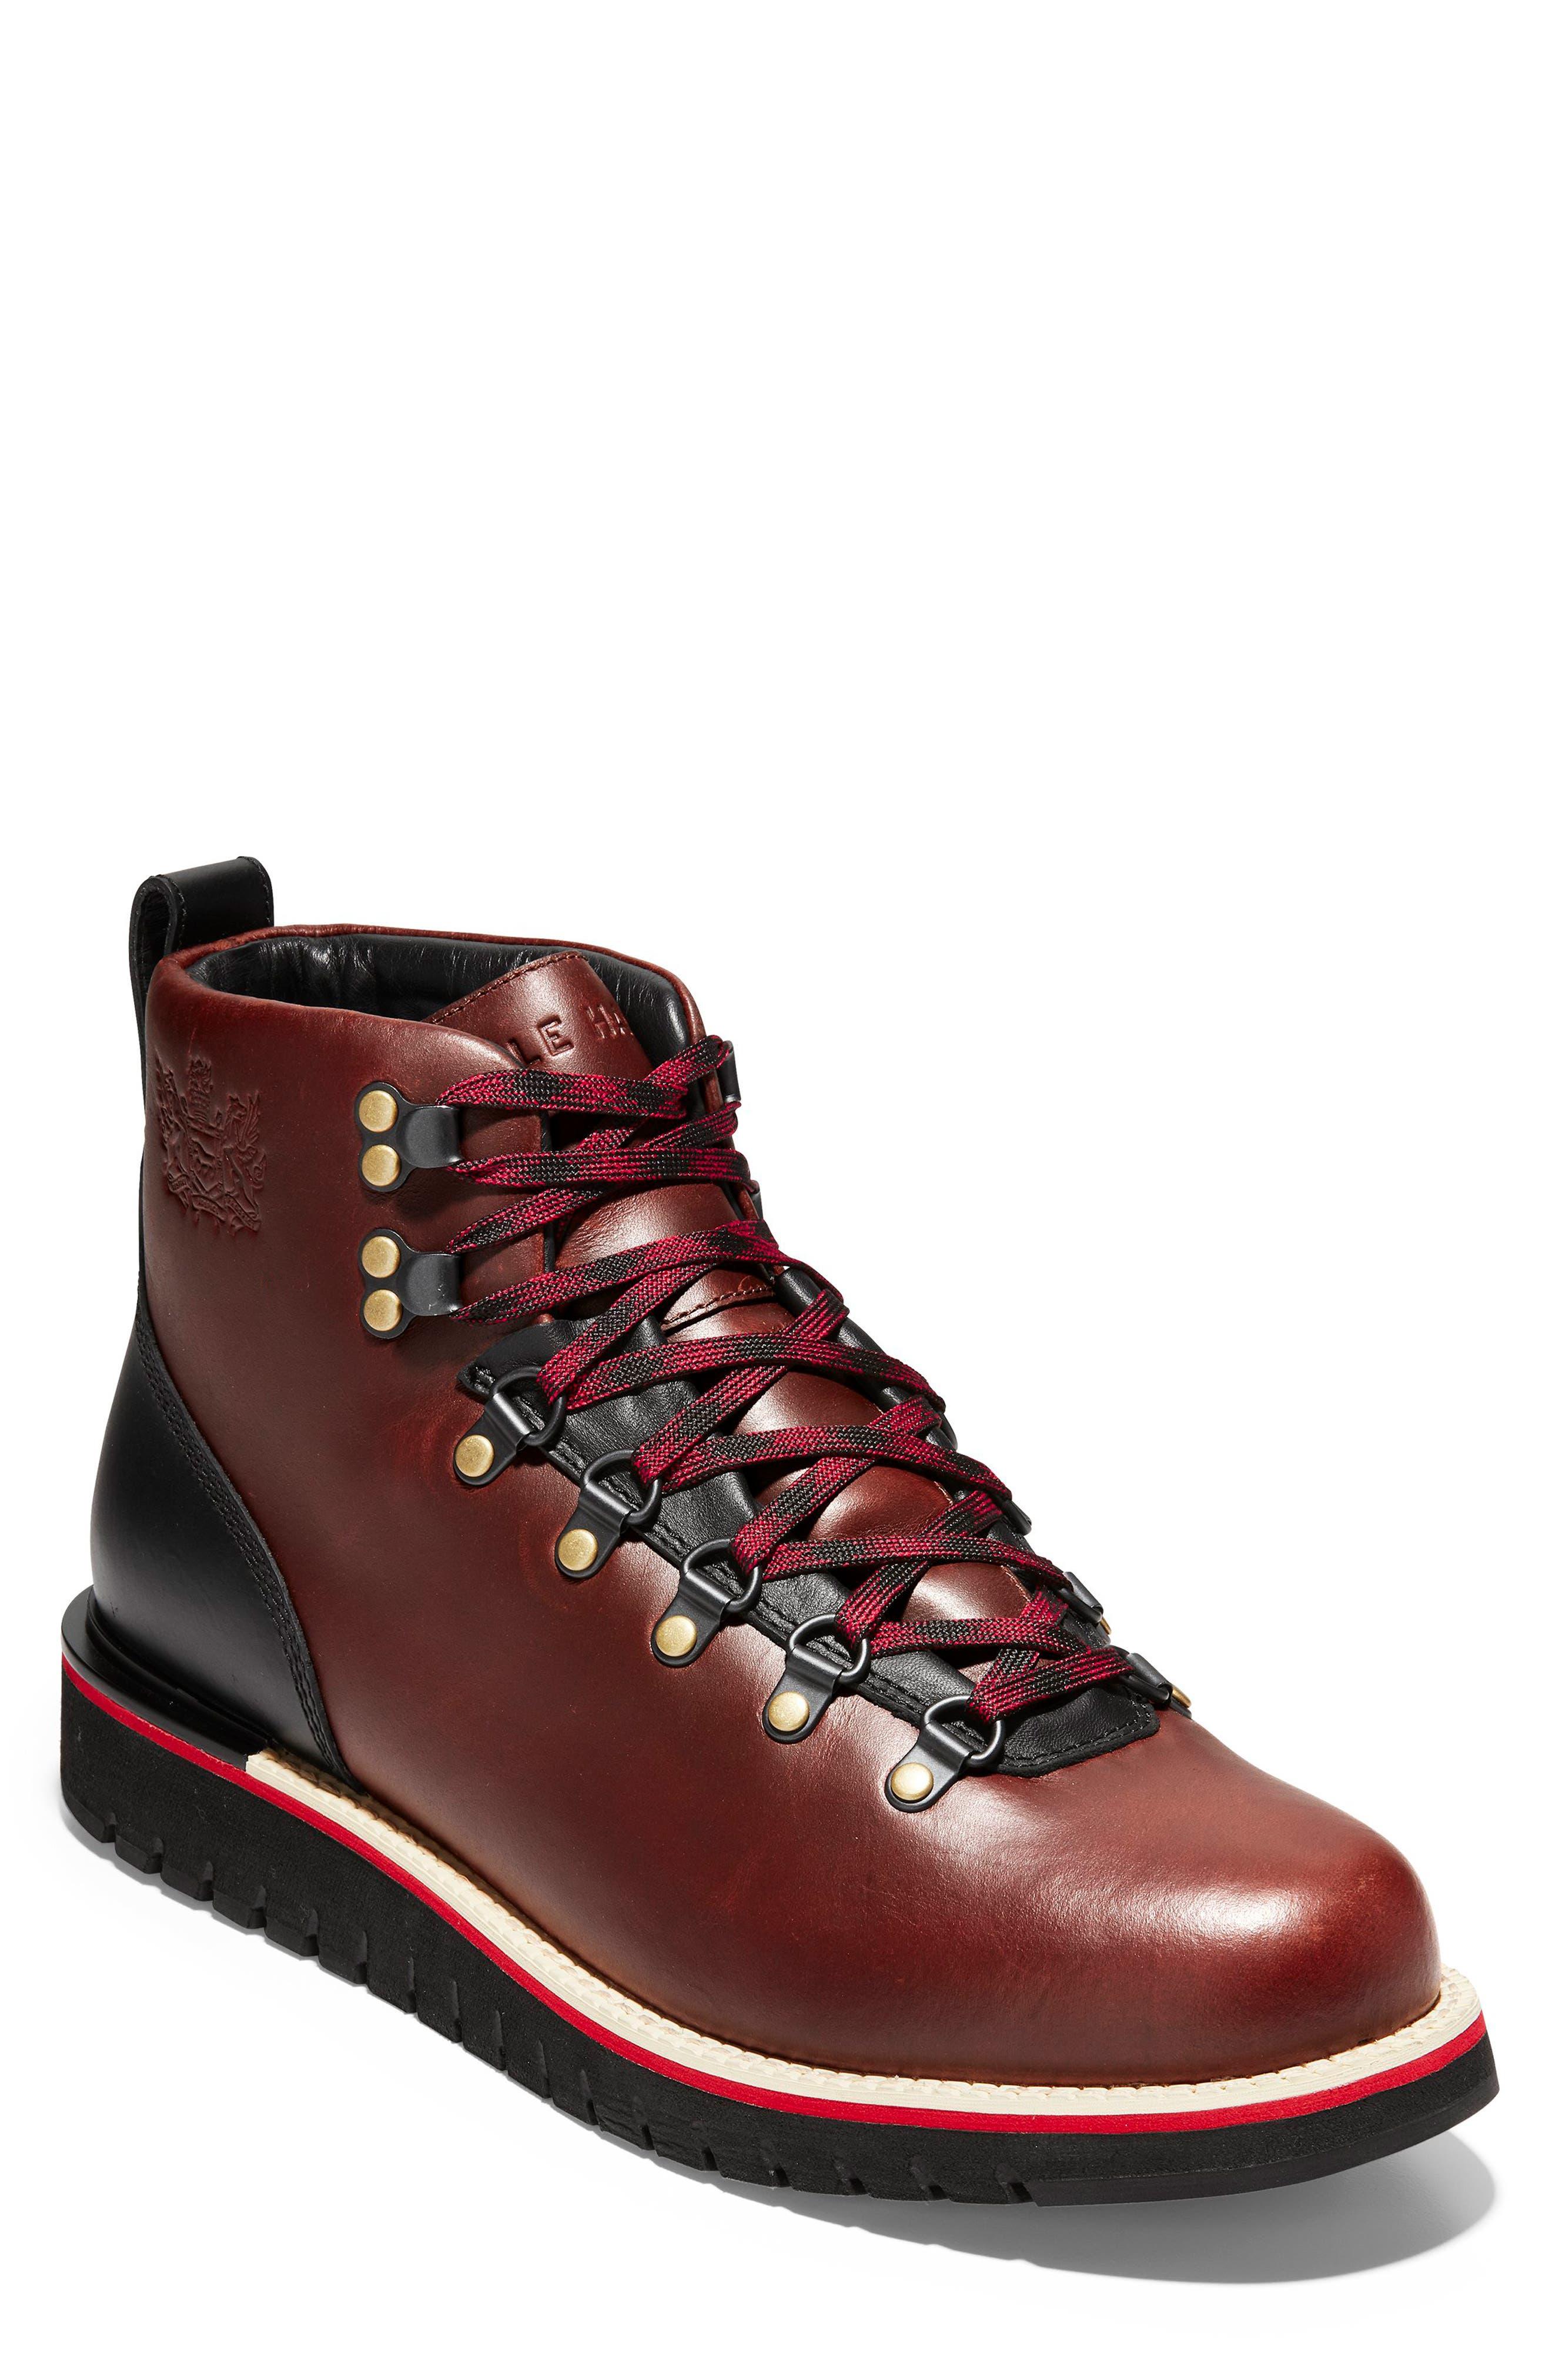 COLE HAAN Men'S Grandexplore Alpine Hiker Waterproof Boots Men'S Shoes in Dark Coffee